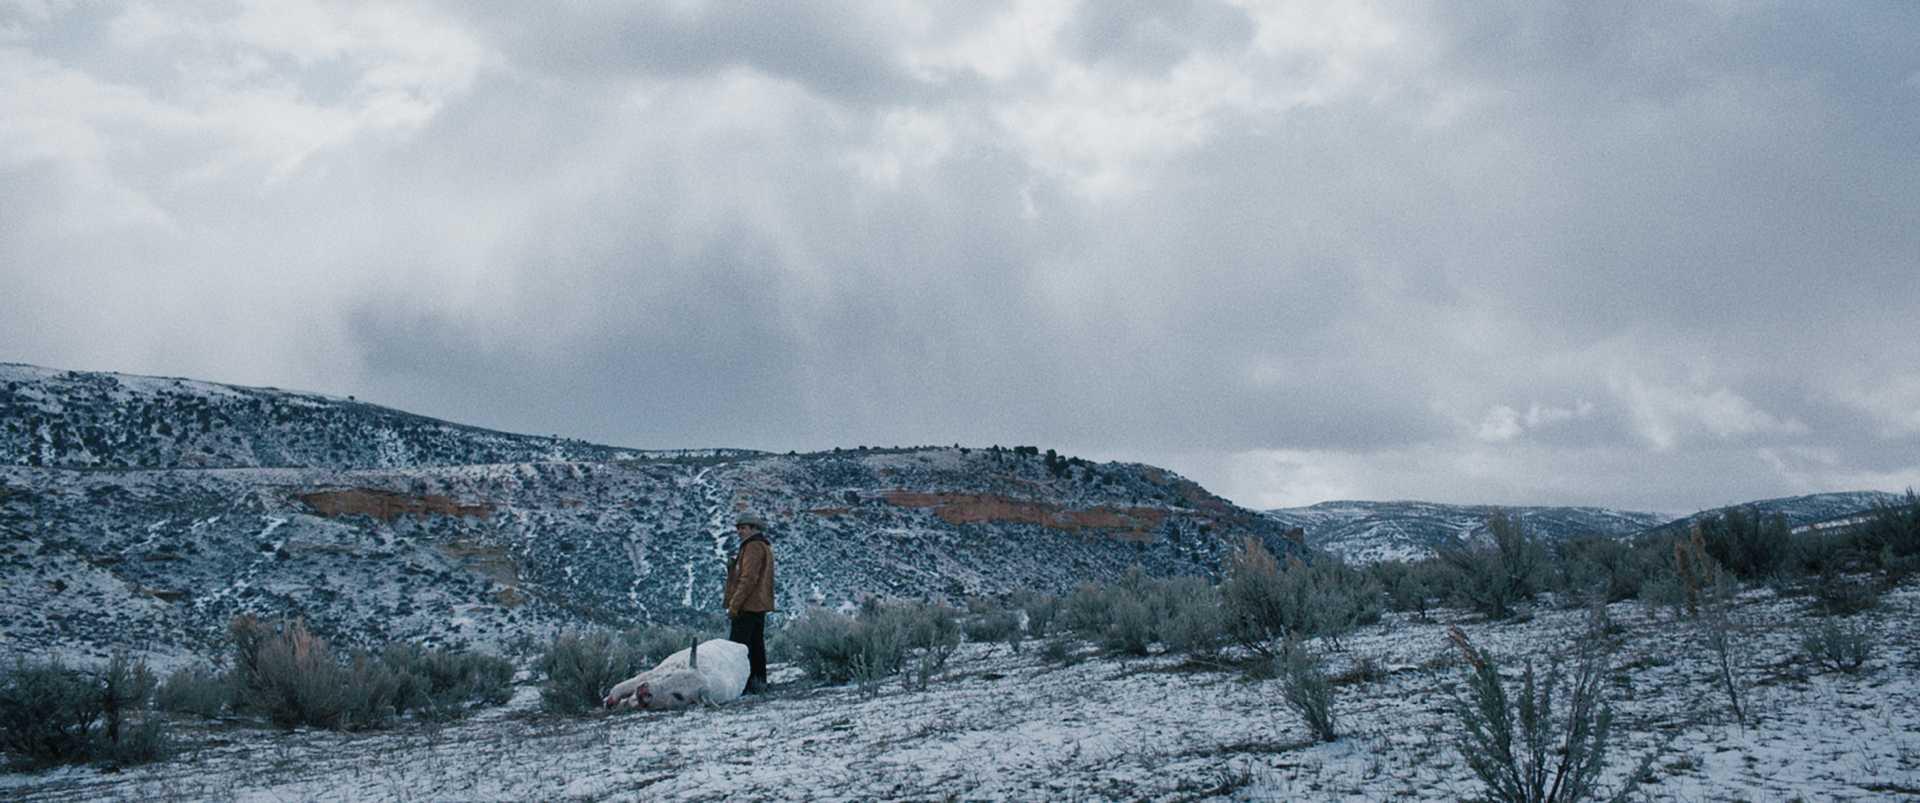 Risultati immagini per wind river 2018 cinematography